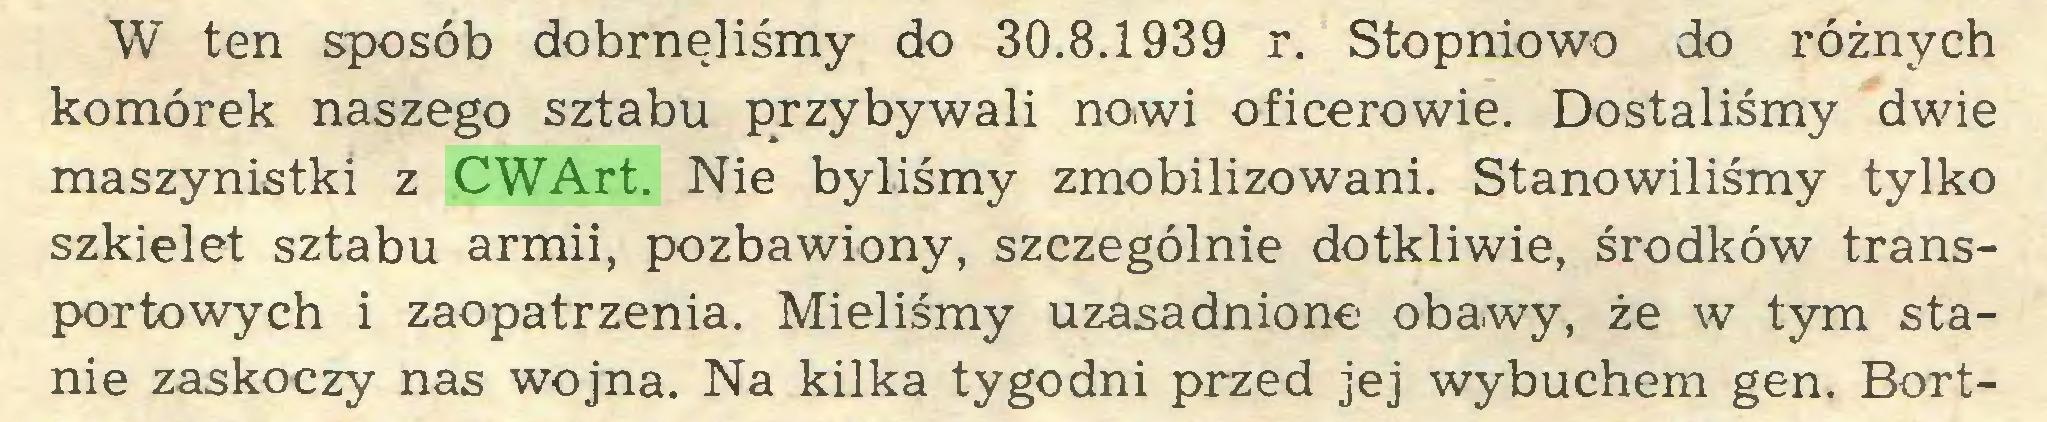 (...) W ten sposób dobrnęliśmy do 30.8.1939 r. Stopniowo do różnych komórek naszego sztabu przybywali nowi oficerowie. Dostaliśmy dwie maszynistki z CWArt. Nie byliśmy zmobilizowani. Stanowiliśmy tylko szkielet sztabu armii, pozbawiony, szczególnie dotkliwie, środków transportowych i zaopatrzenia. Mieliśmy uzasadnione obawy, że w tym stanie zaskoczy nas wojna. Na kilka tygodni przed jej wybuchem gen. Bort...